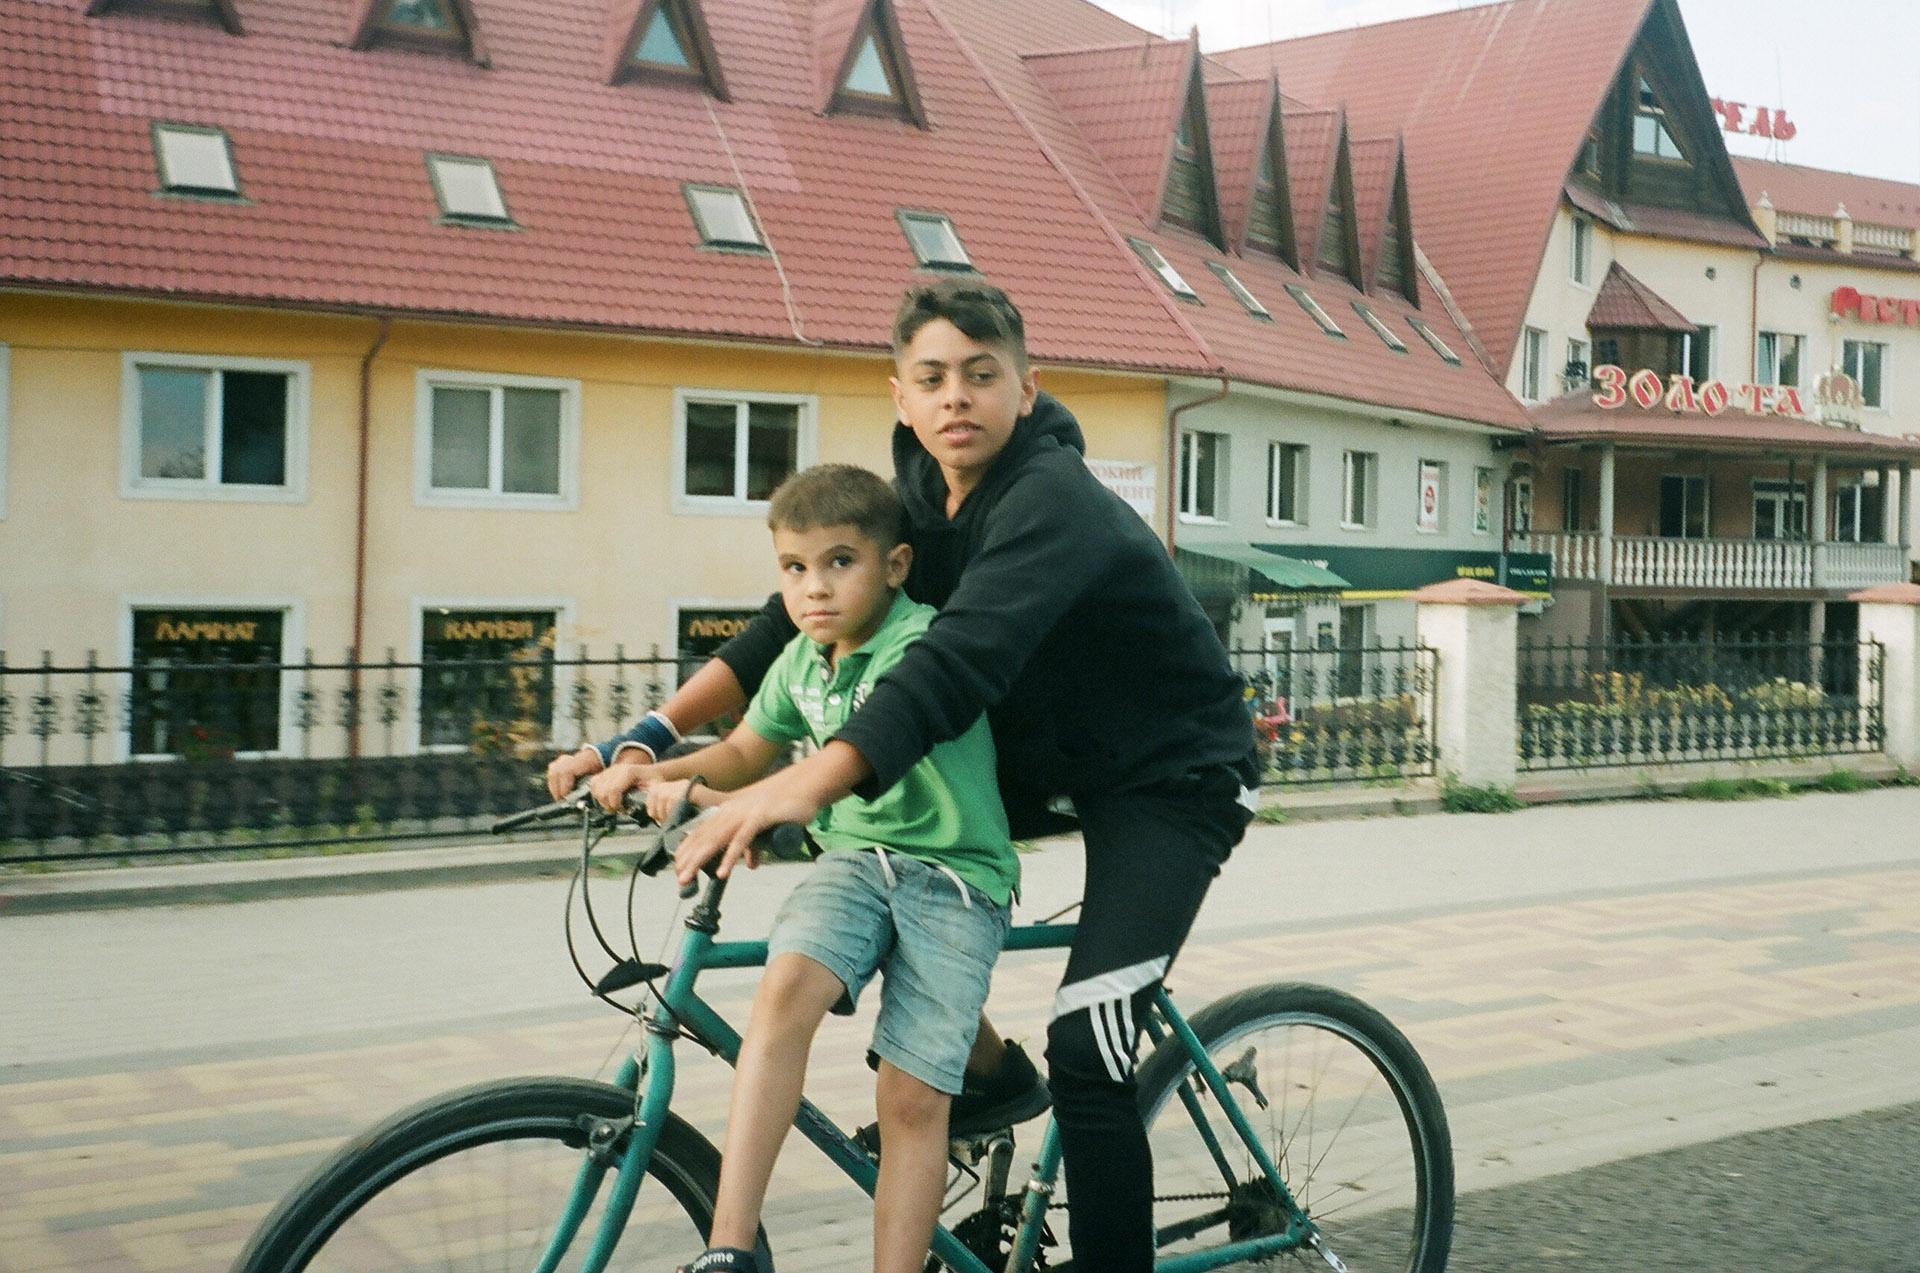 Молодий хлопець їздить на велосипеді перед будівлею